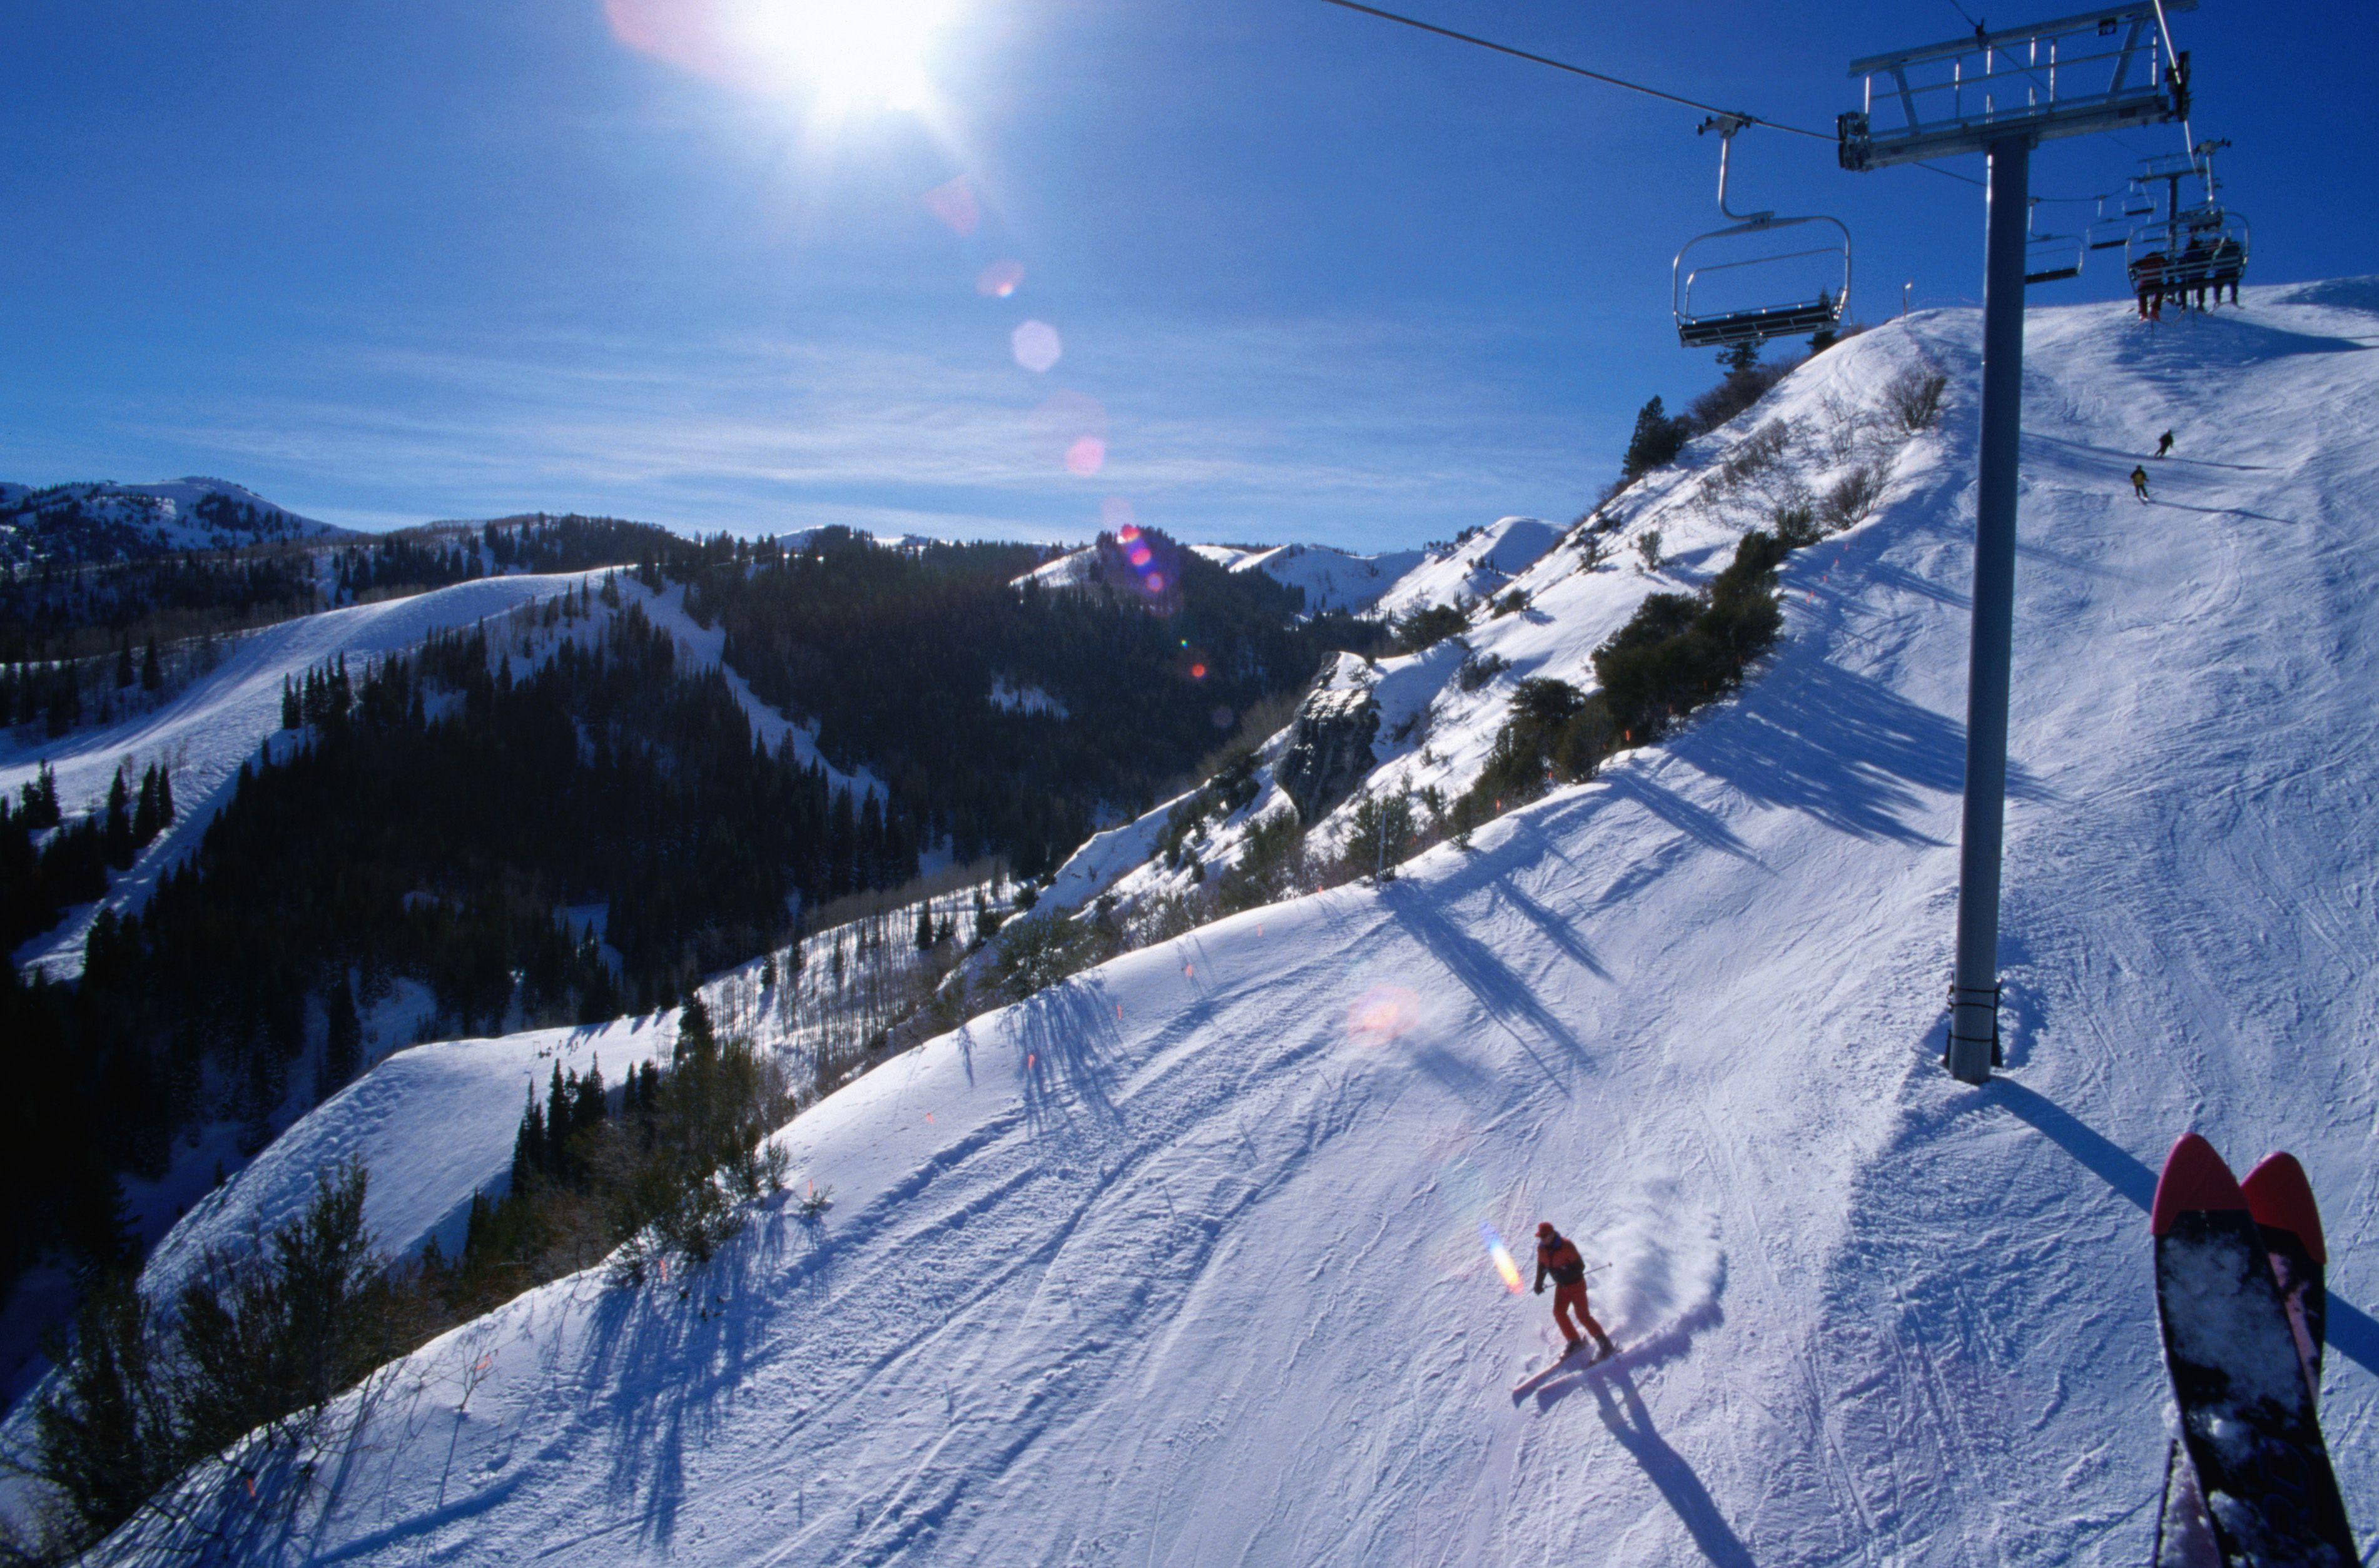 Skiing the Canyons at Park City.